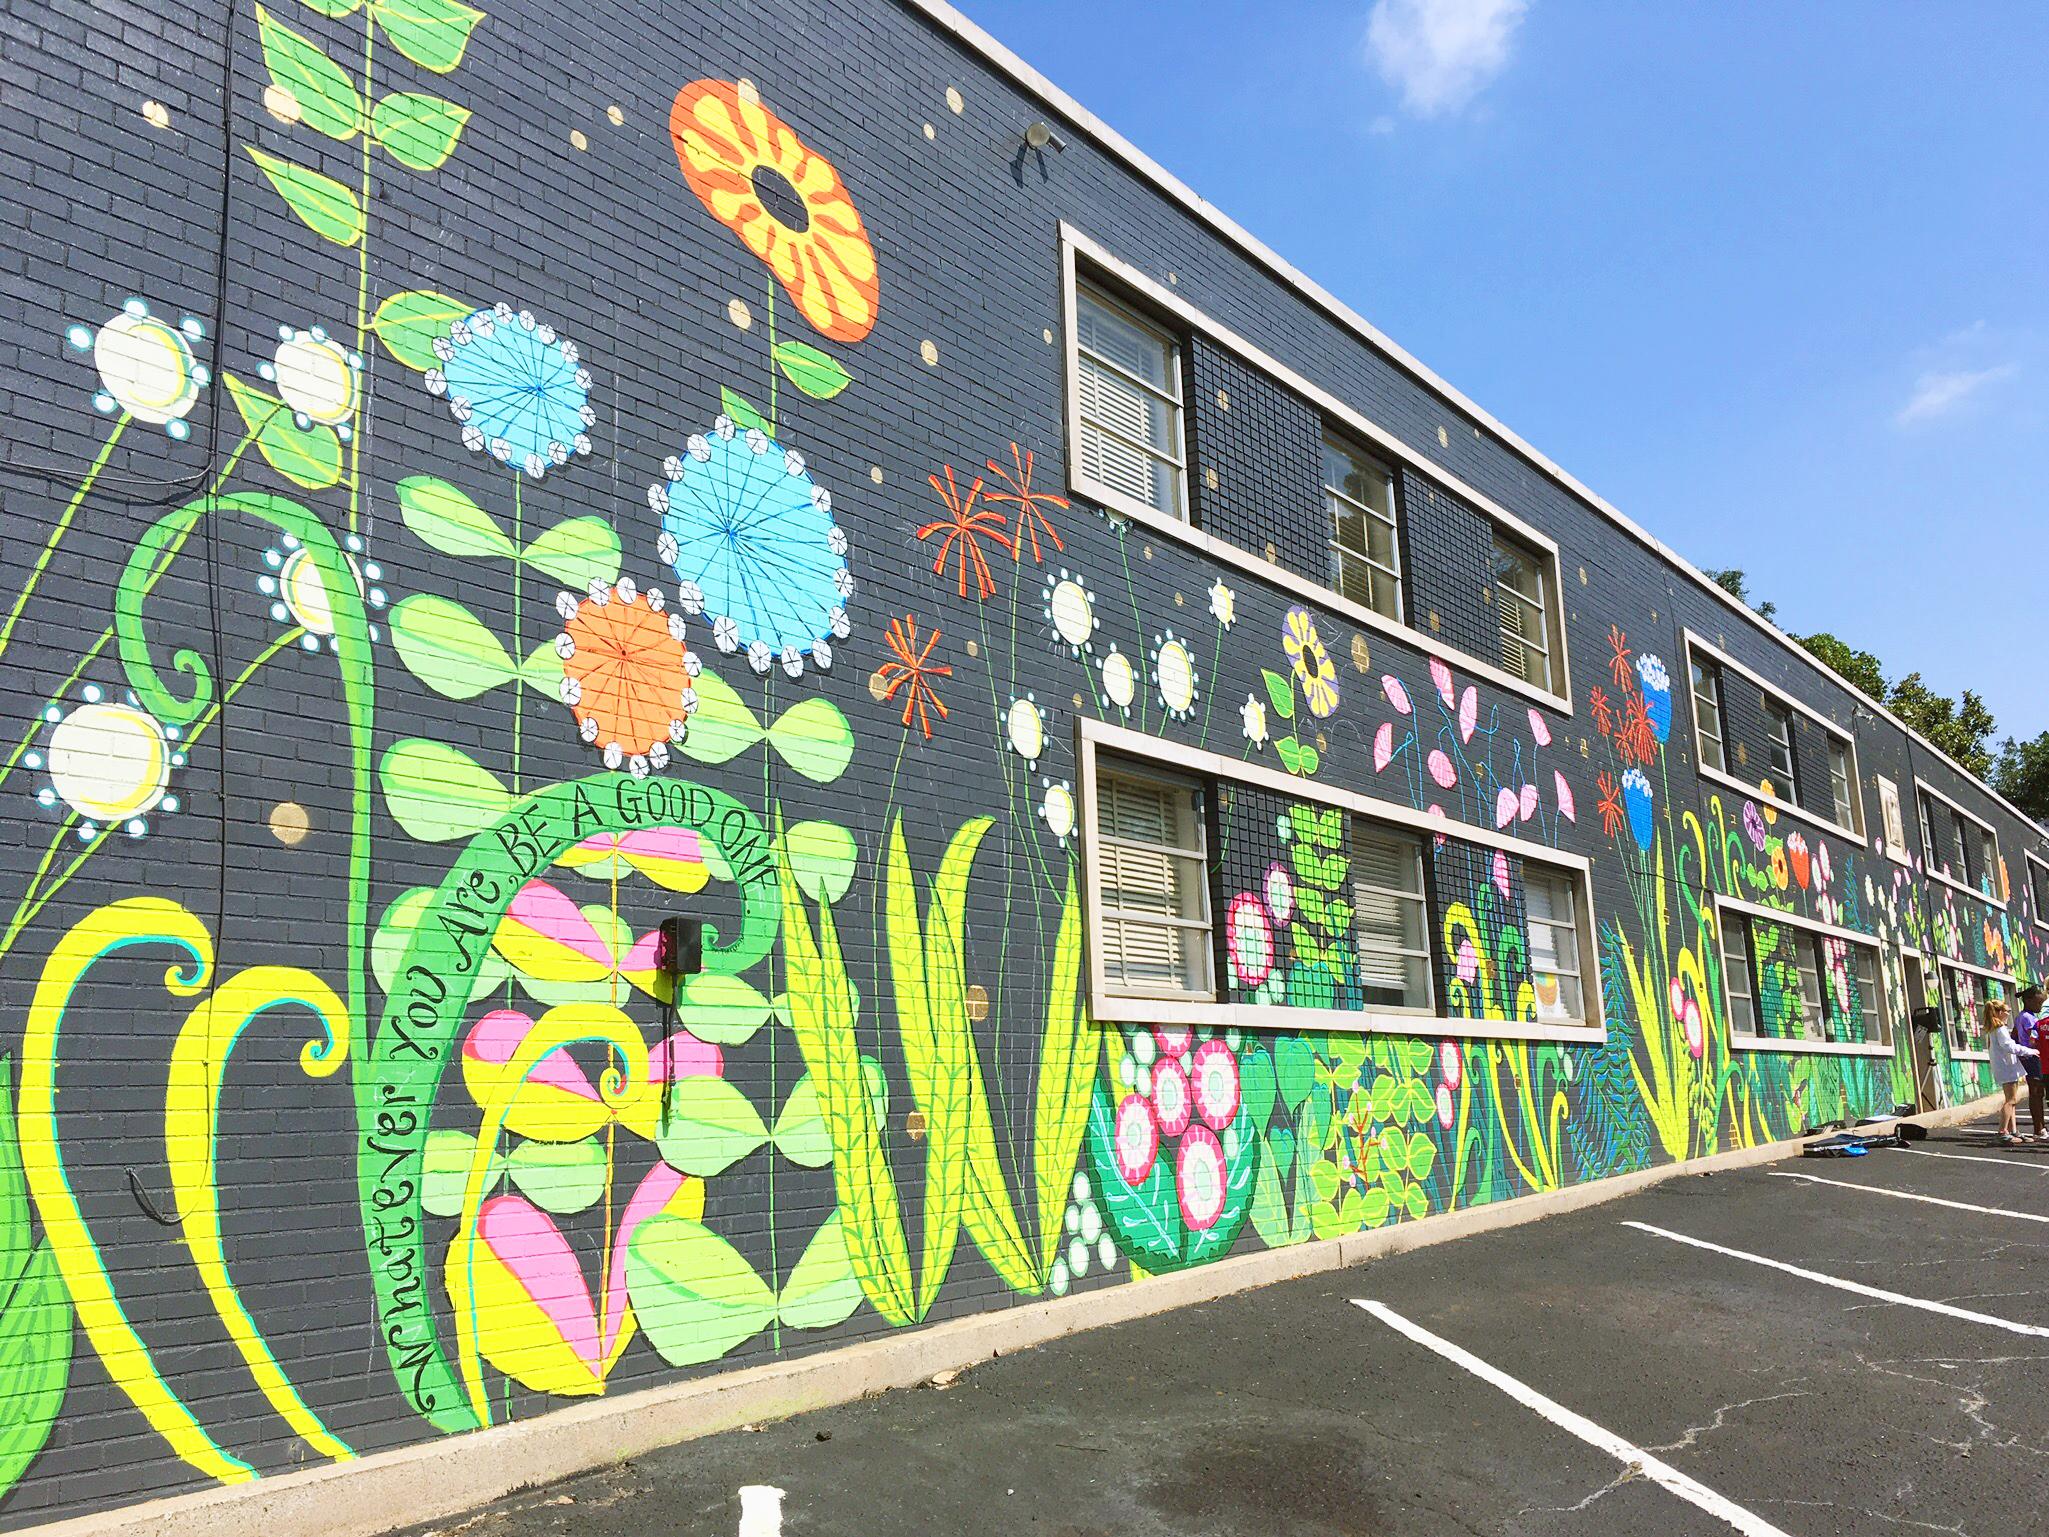 Stone Ave Flowers Mural.jpg